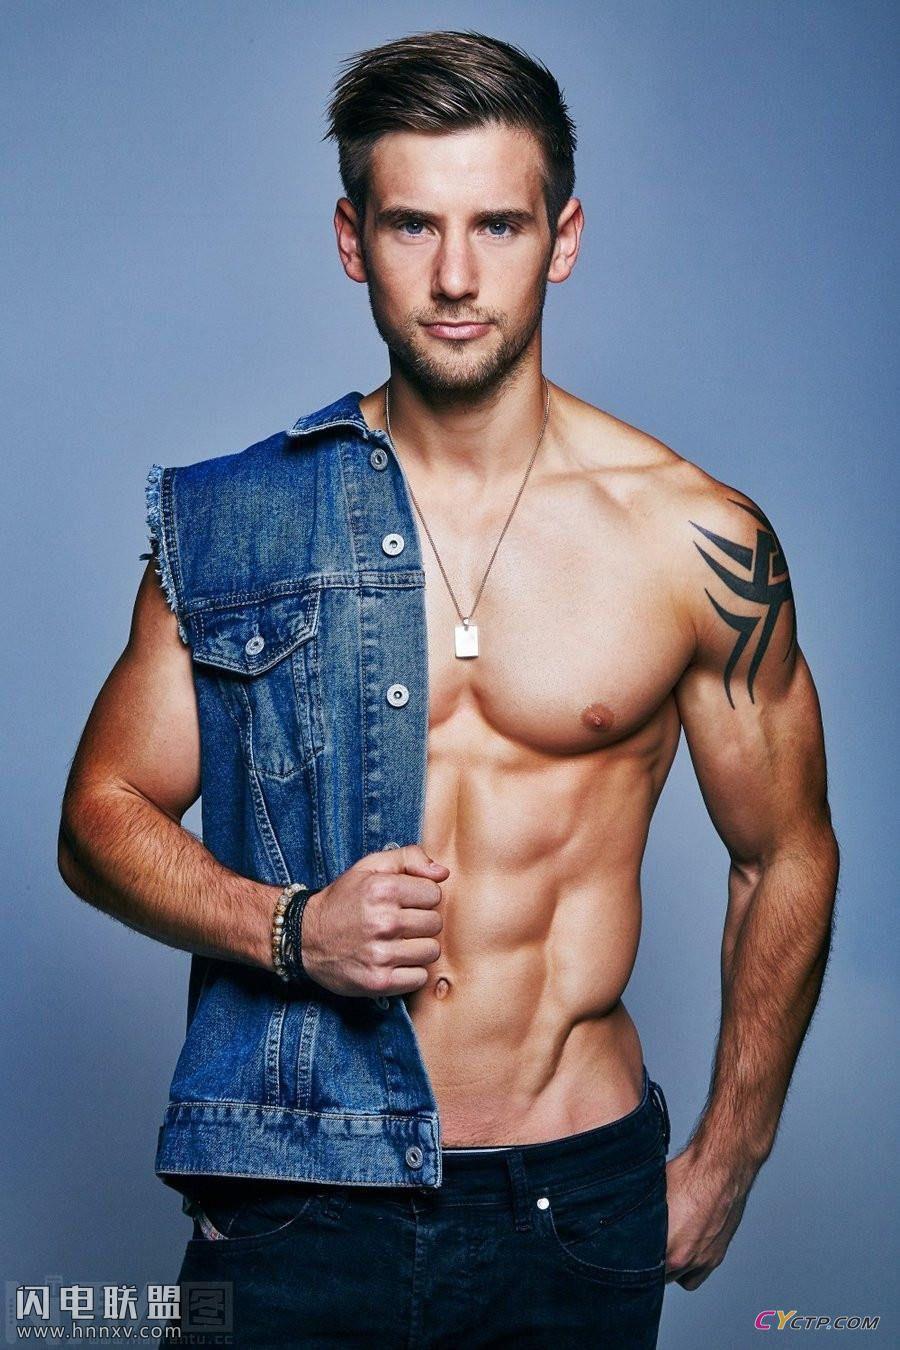 欧美肌肉型男帅哥同志性感腹肌写真图片合集